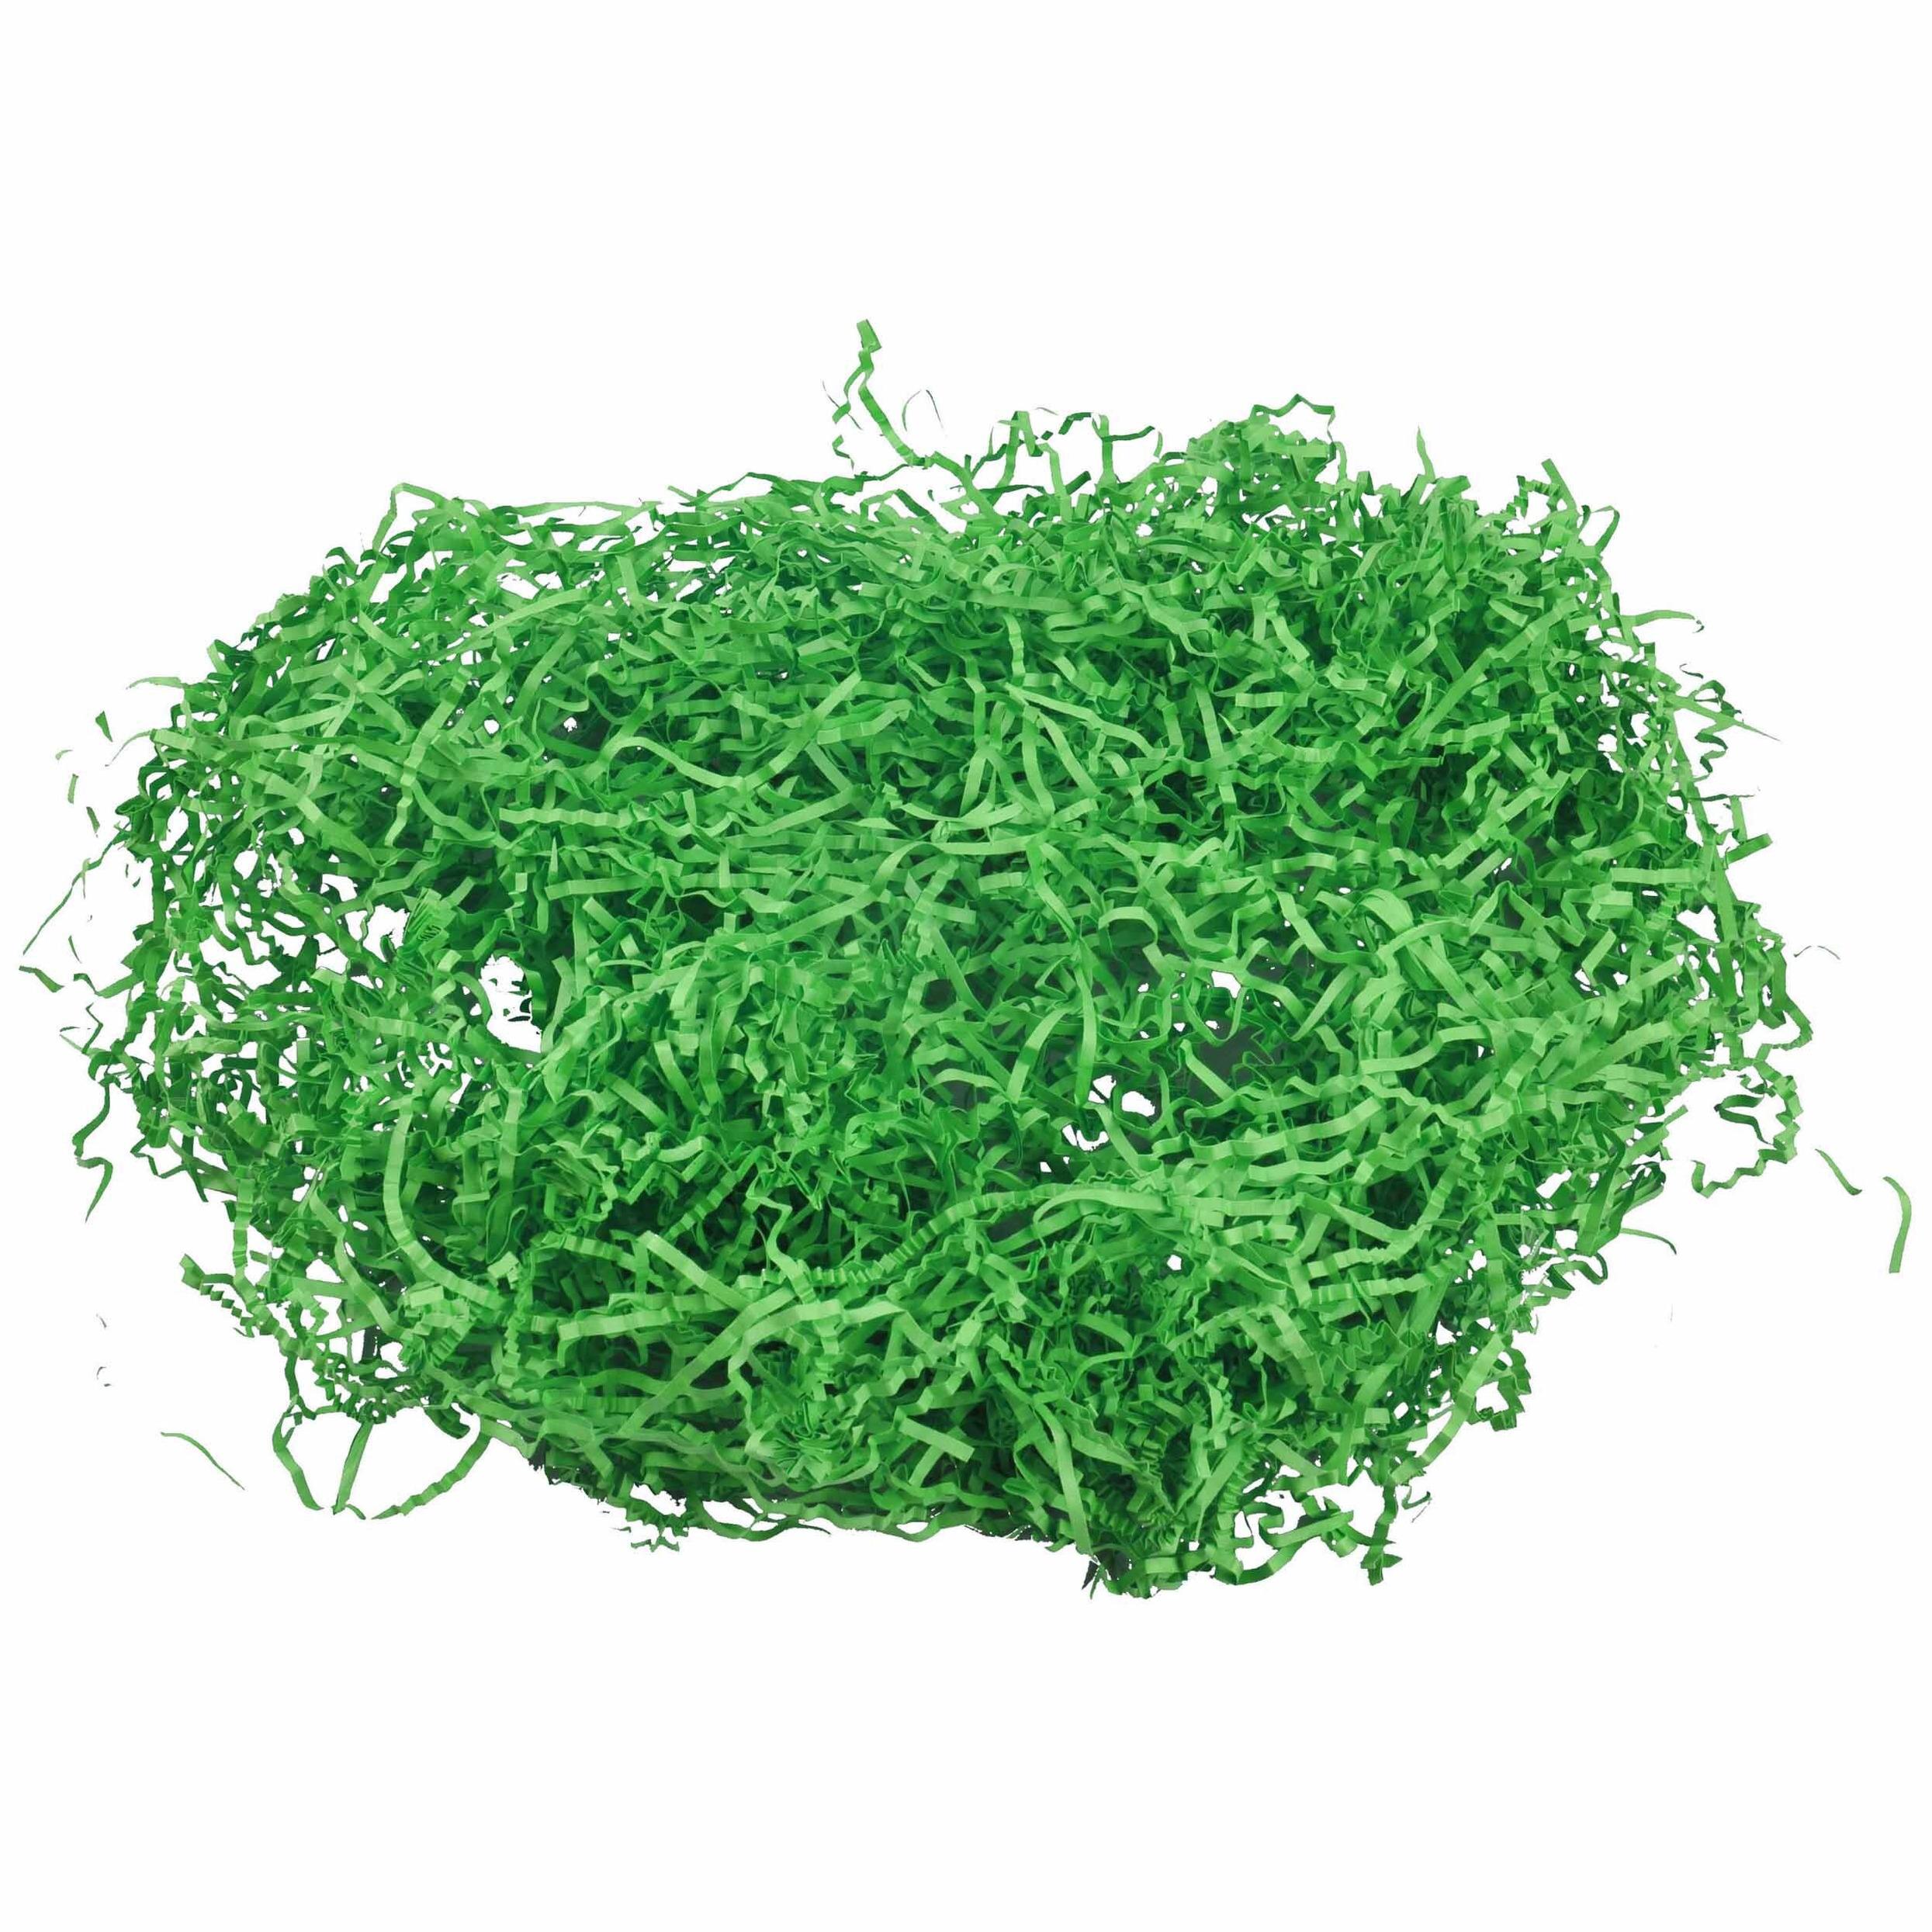 Groene papier snippers decoratie 45 gram